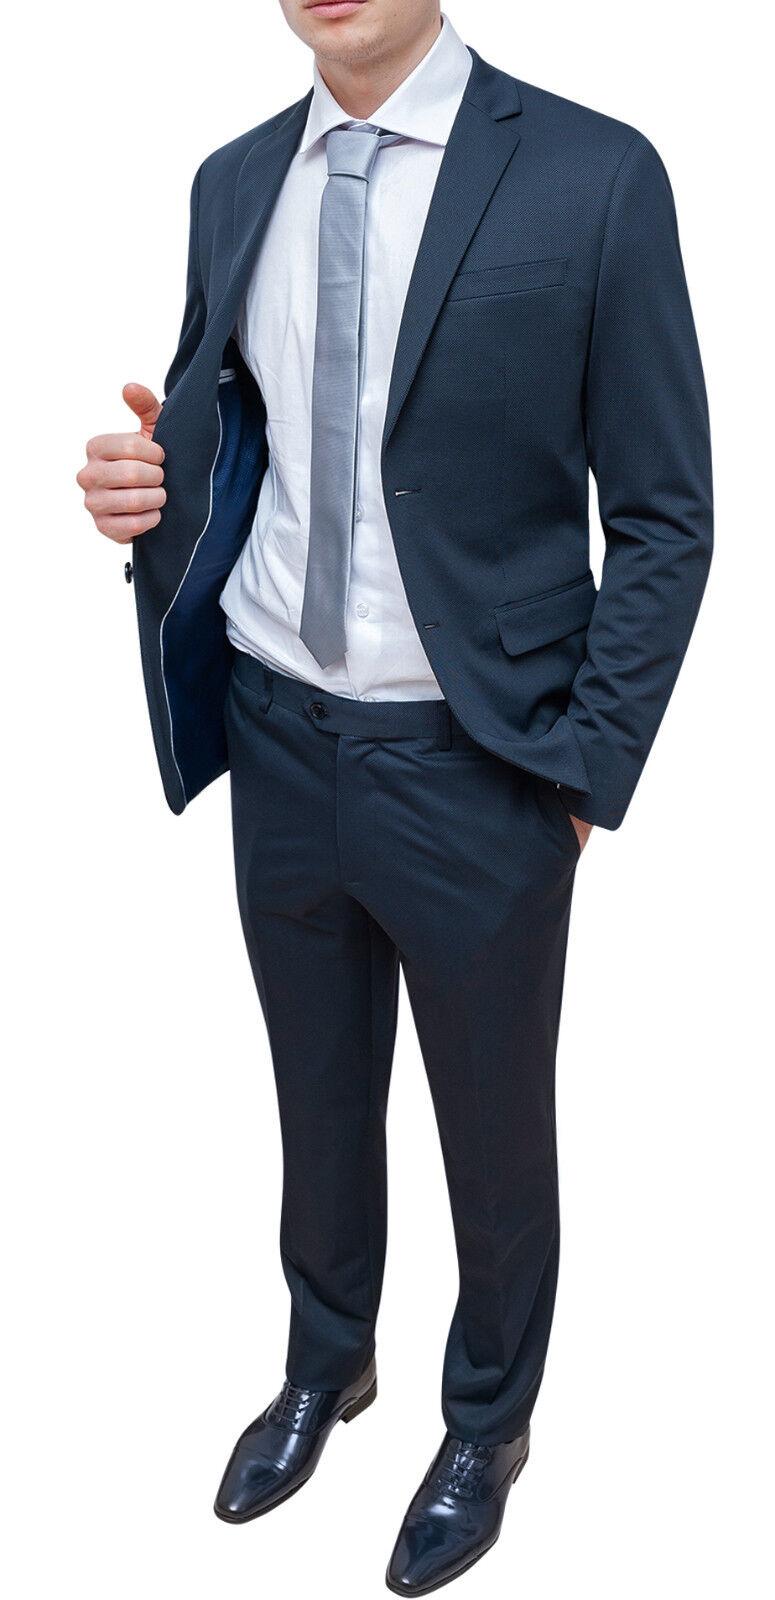 Abito Cerimonia Uomo Blu Scuro : Abito completo uomo blu scuro in micro fantasia nuovo vestito